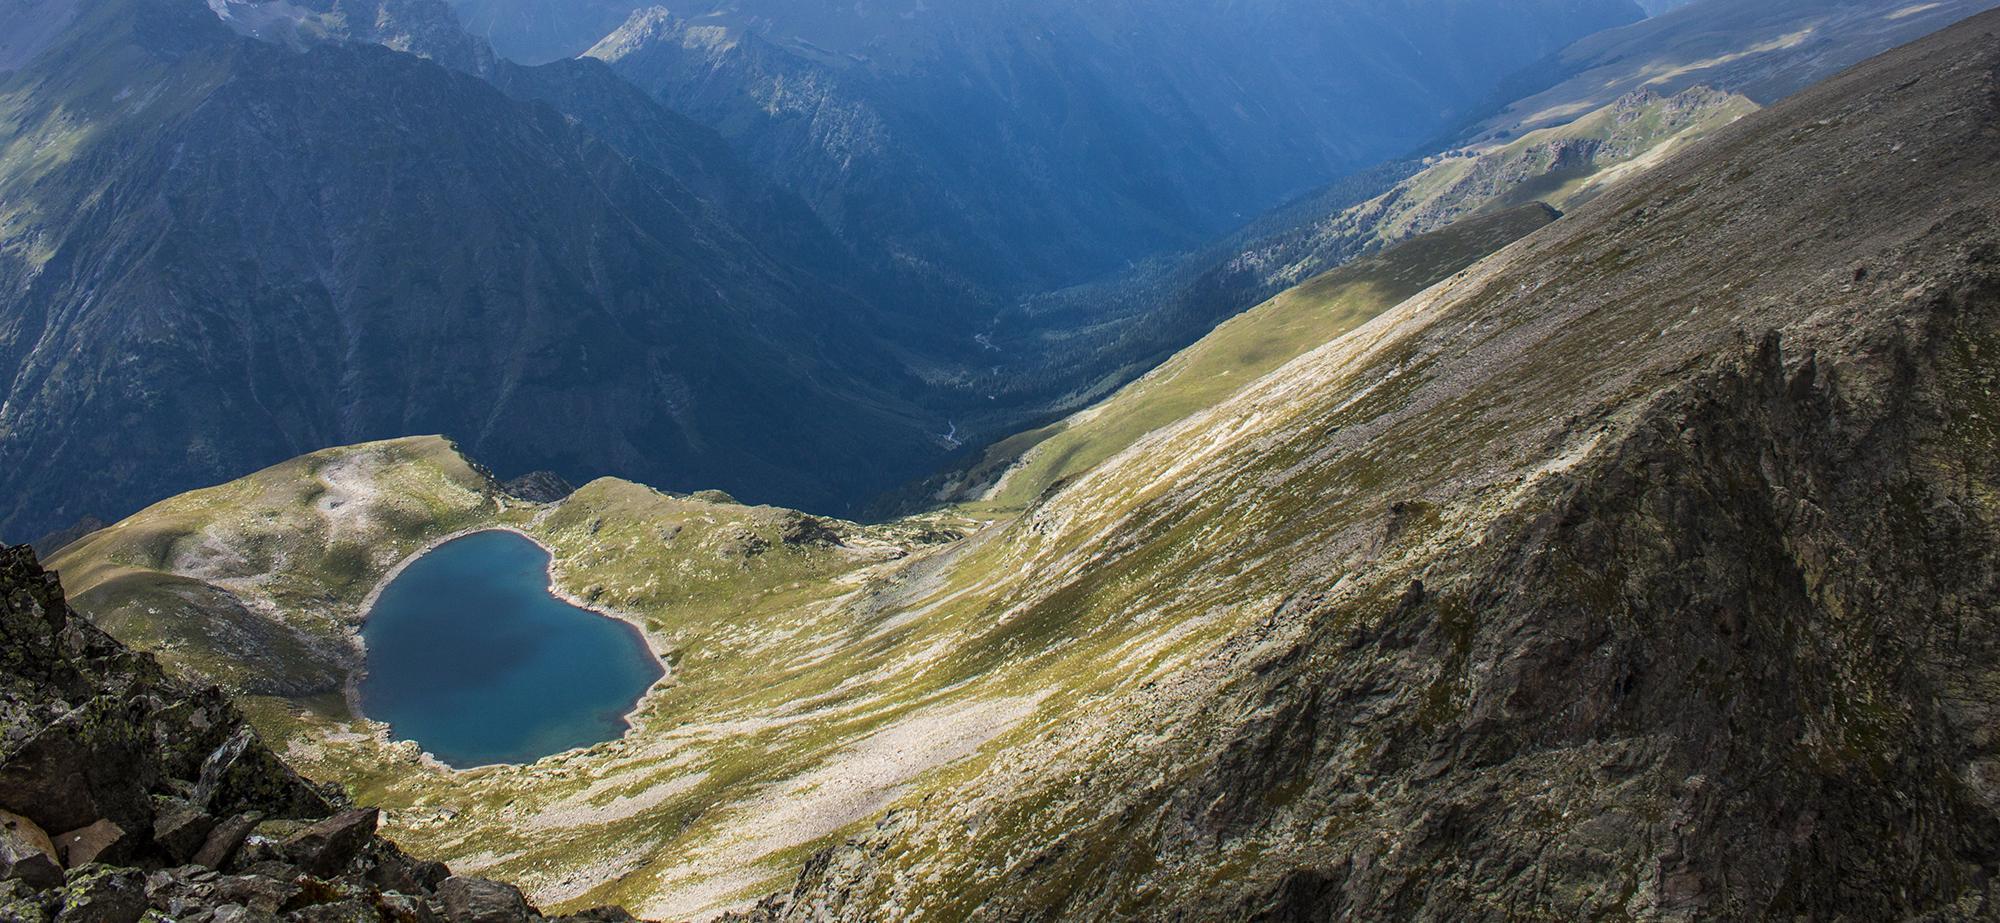 долина реки Цахвоа озеро Теплое